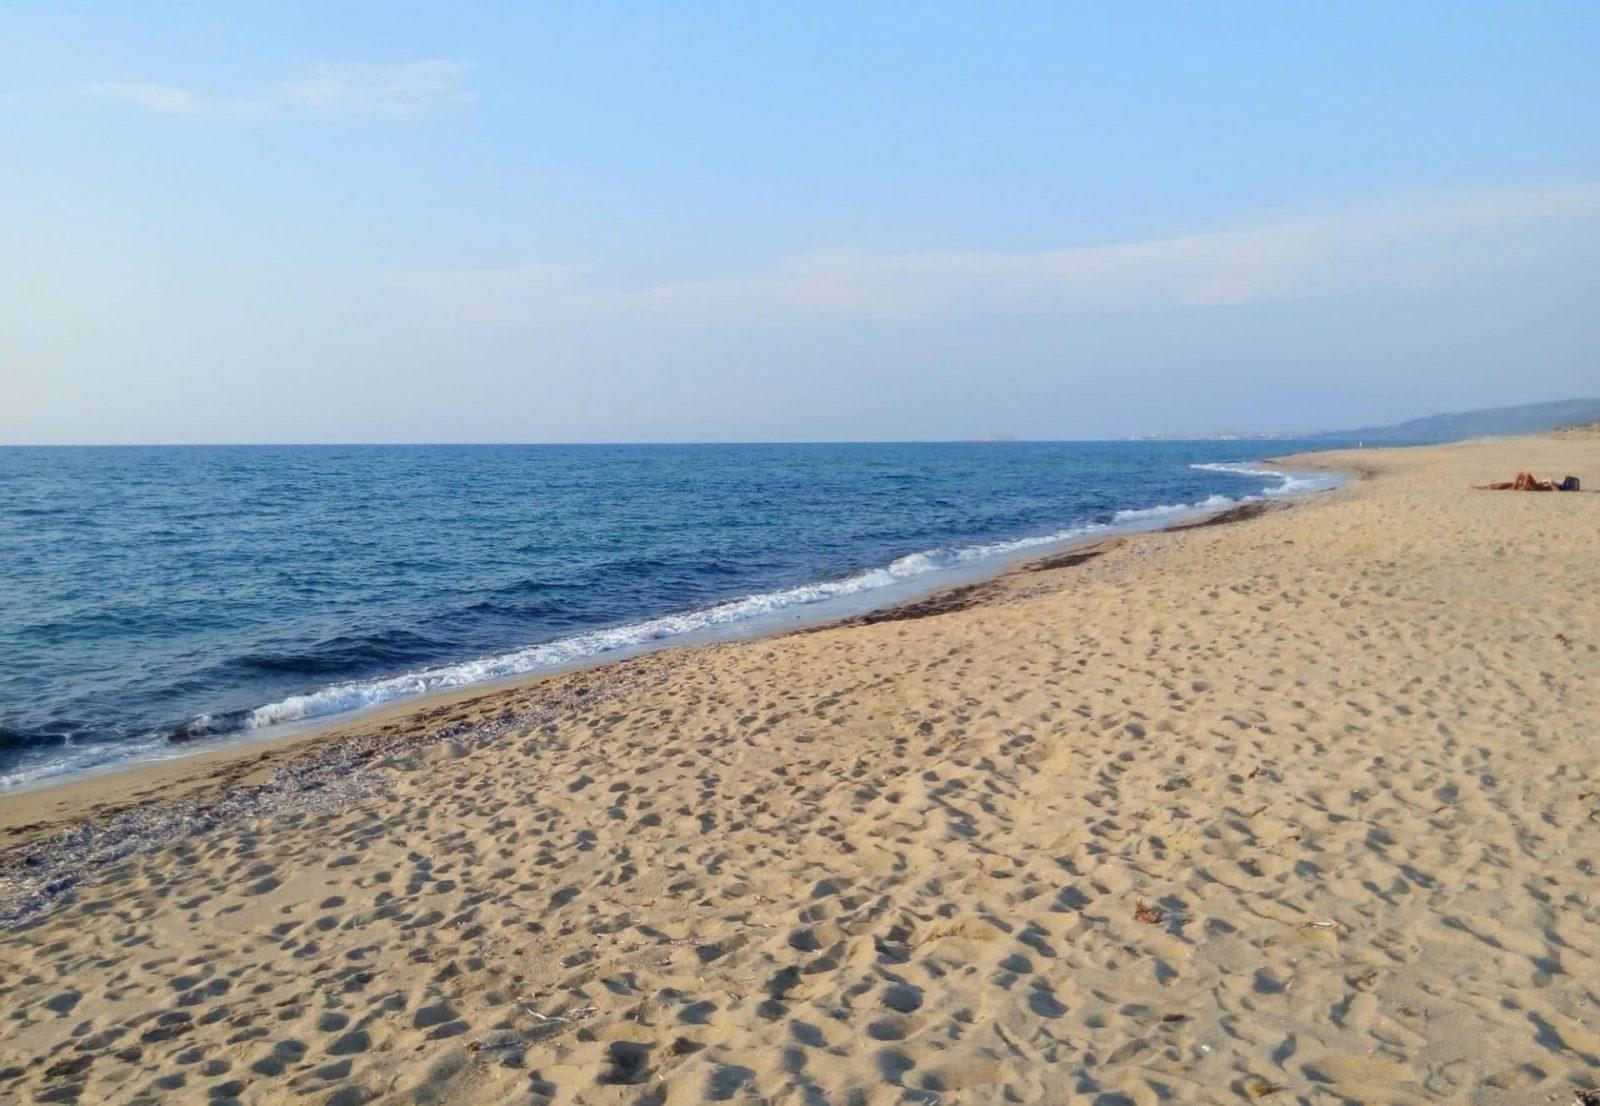 Poltu Biancu beach